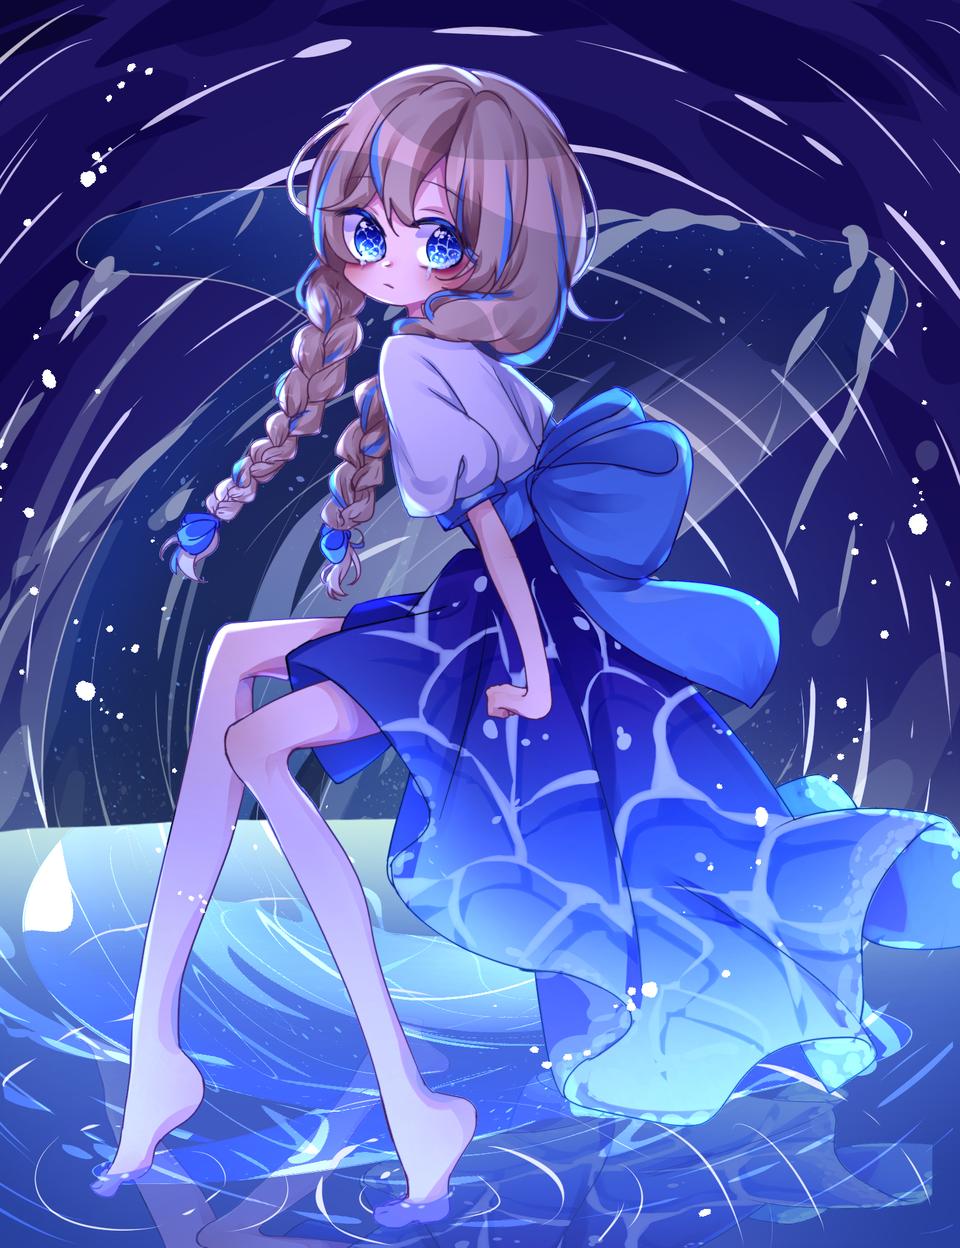 海の幽霊 / ダズビー Illust of 紅茶 medibangpaint 다즈비 blue ダズビー 海の幽霊 바다의_유령